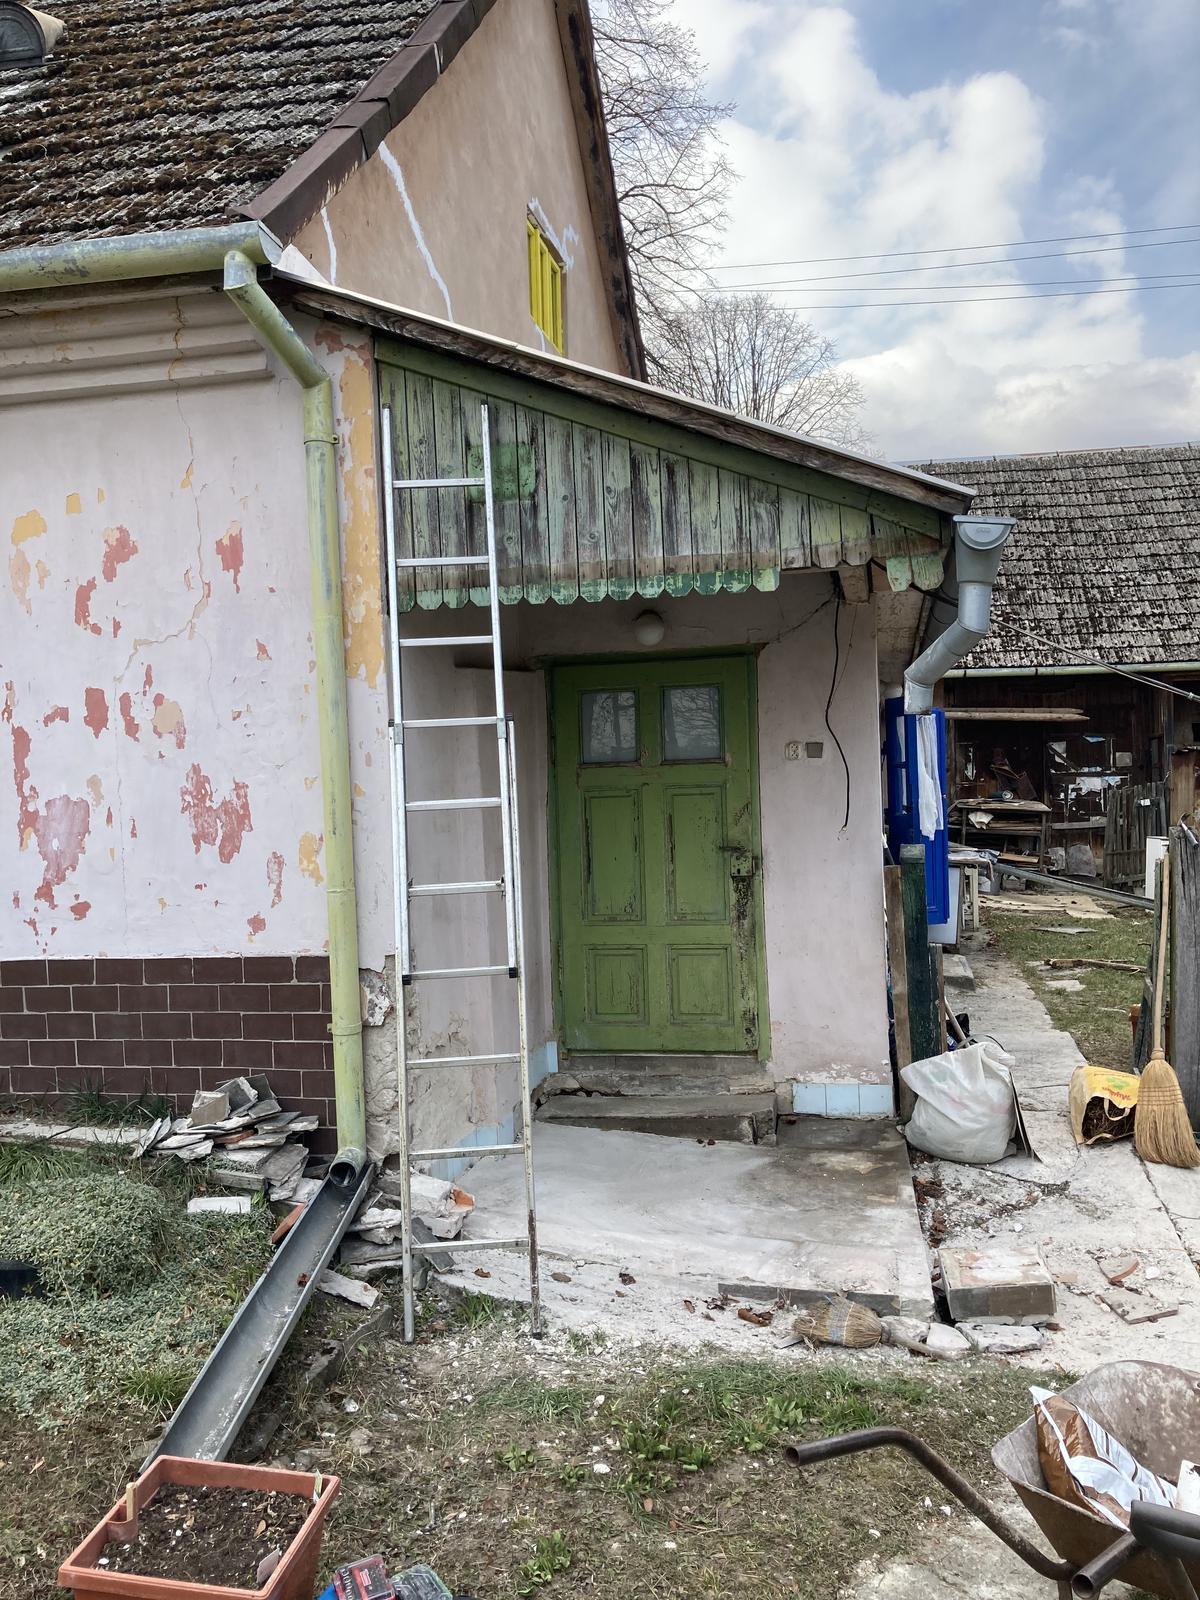 Dom - stena s oknom vybúraná...   makačka riadna, ale tak nechala som synov nech si vybijú energiu ;)